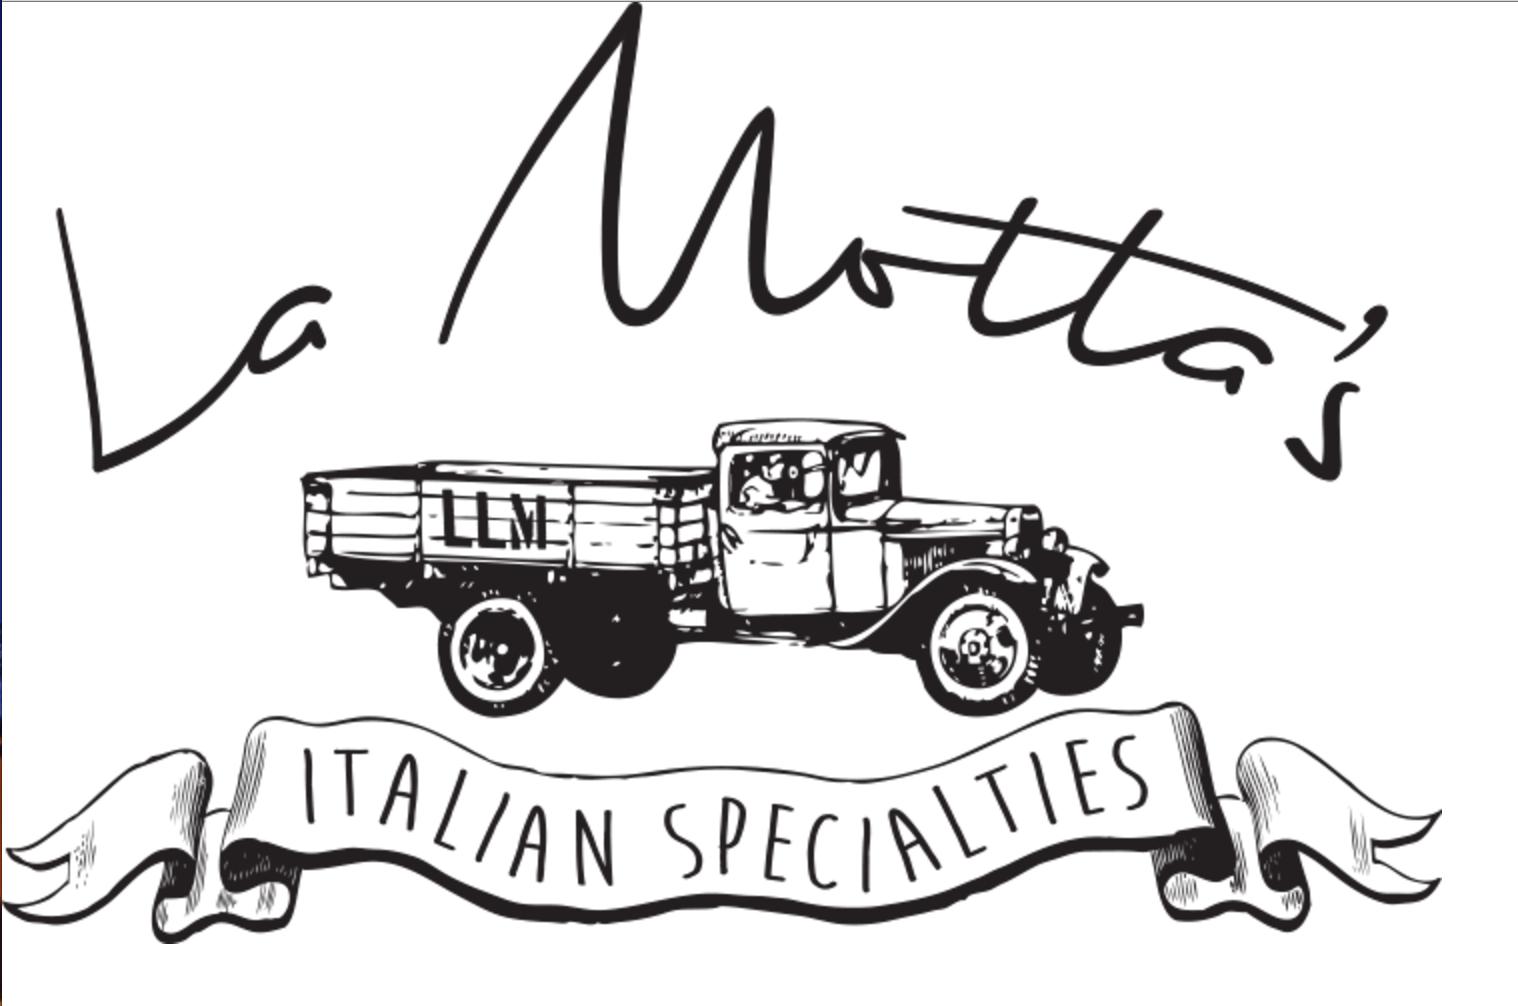 La Motta's Italian Specialties logo